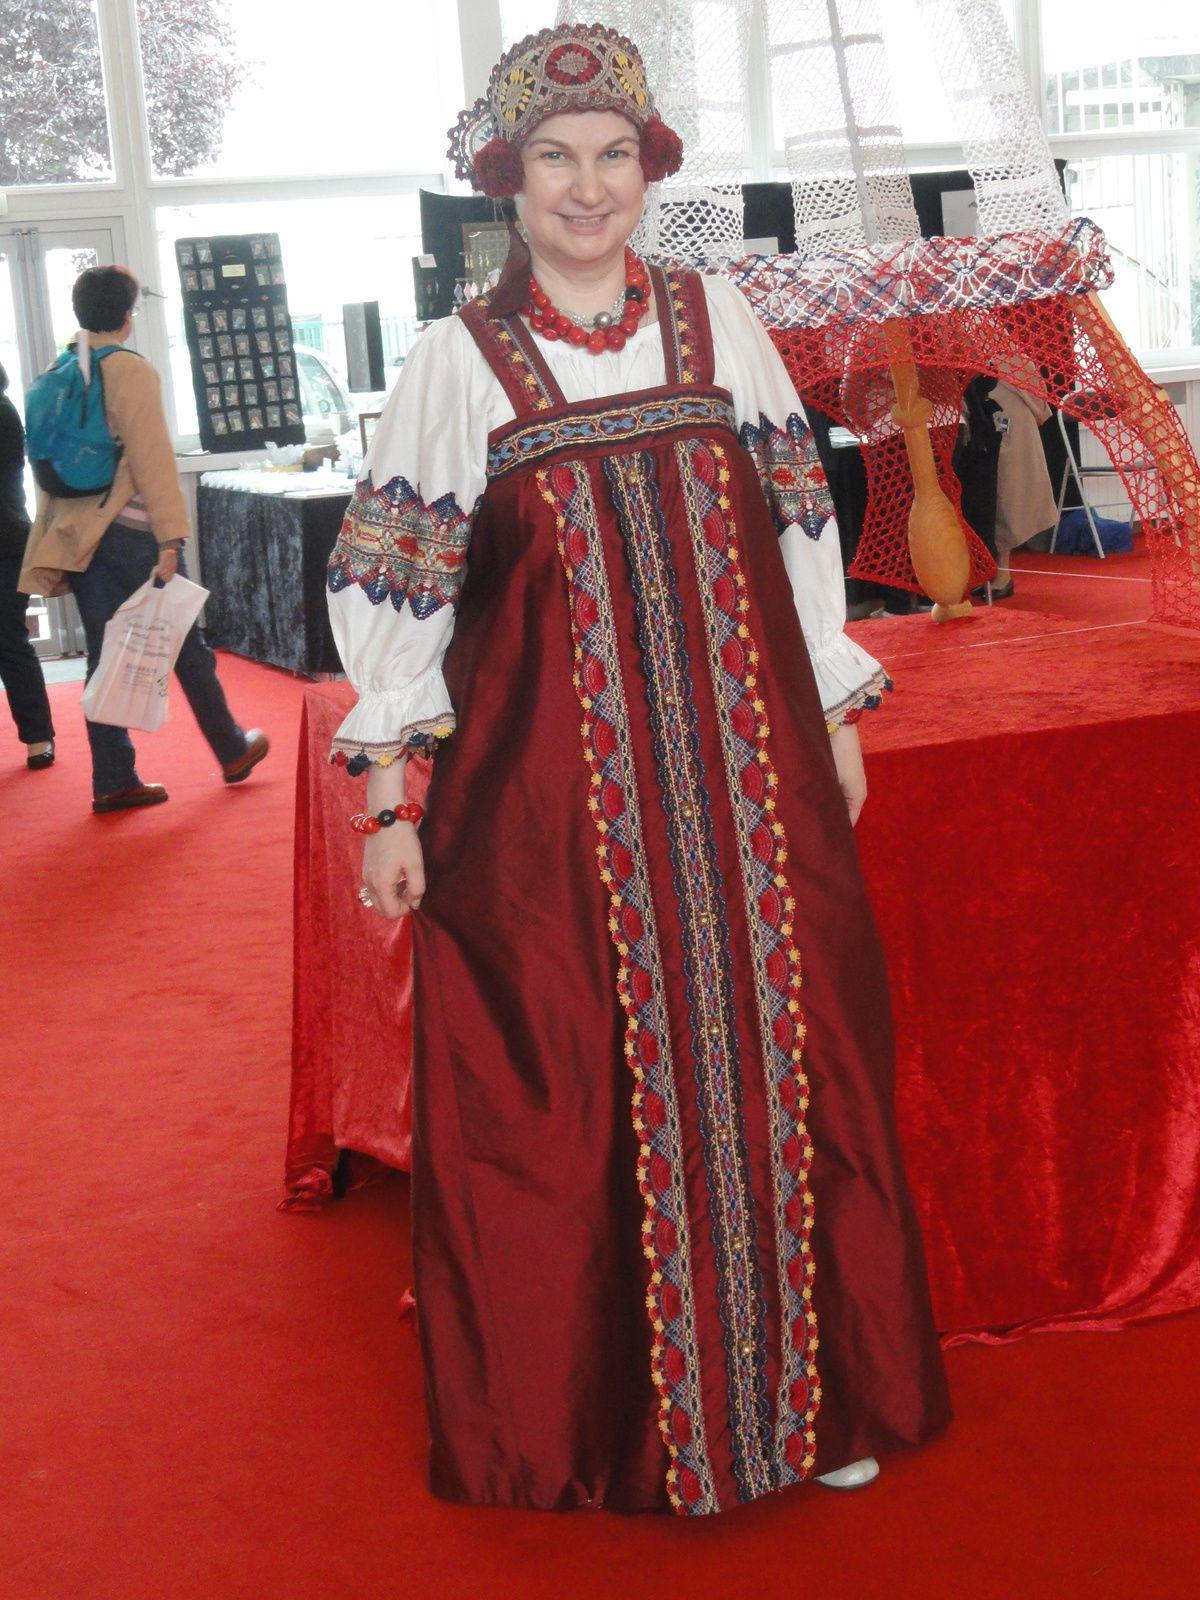 Superbe robe de notre dentelière russe entèrement dentelée par ses soins